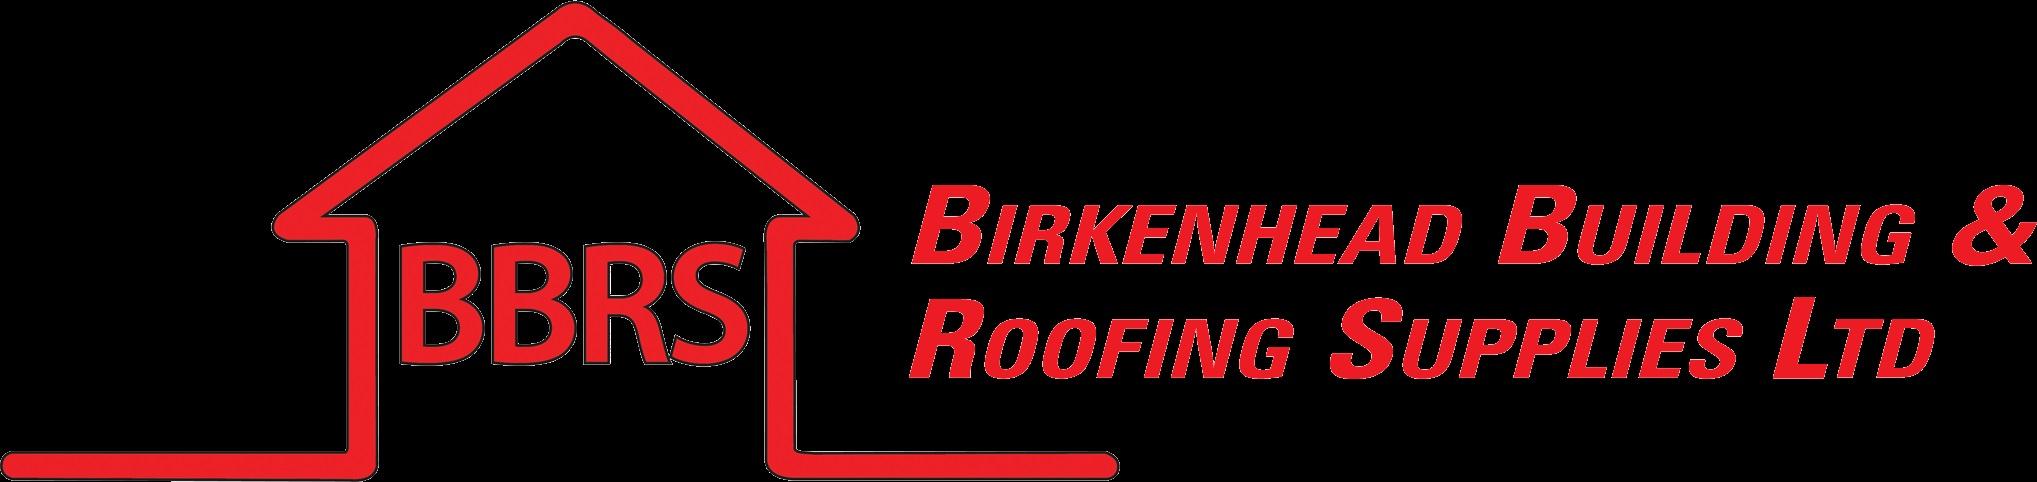 Birkenhead Building & Roofing Supplies